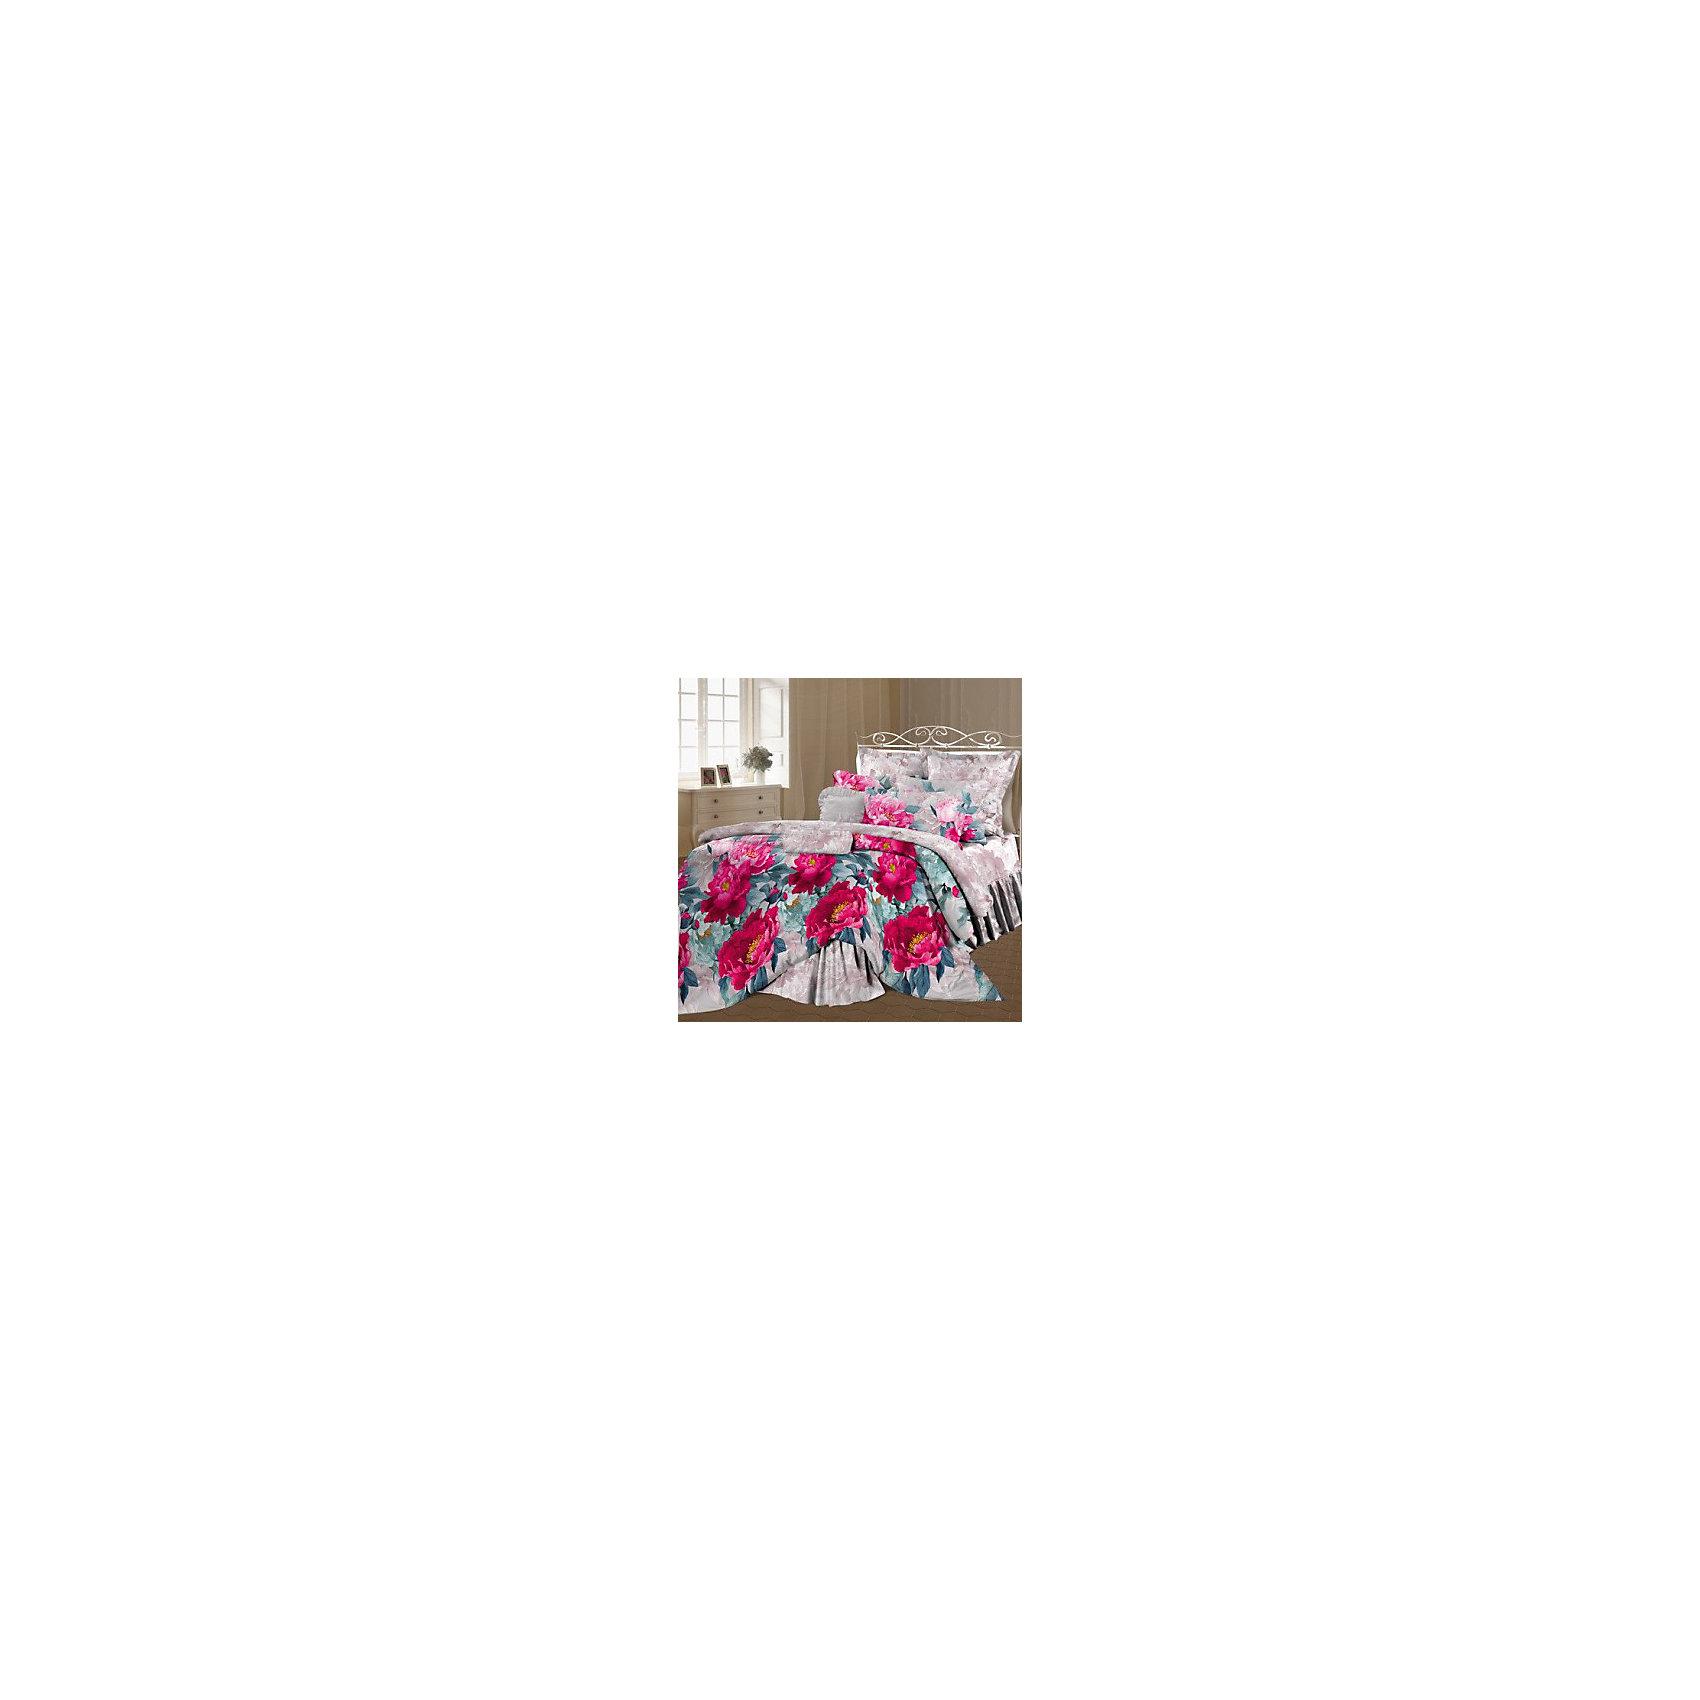 Постельное белье 2,0 Царство пионов, перкаль, РомантикаДомашний текстиль<br>Характеристики товара:<br><br>• материал: хлопок;<br>• пододеяльник 215х175 см<br>• простыня 220х240 см<br>• 2 наволочки 70х70 см;<br>• размер упаковки 50х50х15 см;<br>• вес упаковки 1,4 кг;<br>• страна производитель: Россия.<br><br>Постельное белье 2-спальное «Царство пионов» перкаль Романтика обеспечит уютный и спокойный сон. Комплект изготовлен из мягкого перкаля — хлопчатобумажной ткани особой прочности и износостойкости, приятной на ощупь. Она не вызывает аллергических реакций, не линяет и не теряет цвет после стирки.<br><br>Постельное белье 2-спальное «Царство пионов» перкаль Романтика можно приобрести в нашем интернет-магазине.<br><br>Ширина мм: 500<br>Глубина мм: 500<br>Высота мм: 150<br>Вес г: 1415<br>Возраст от месяцев: 216<br>Возраст до месяцев: 1188<br>Пол: Унисекс<br>Возраст: Детский<br>SKU: 5136363